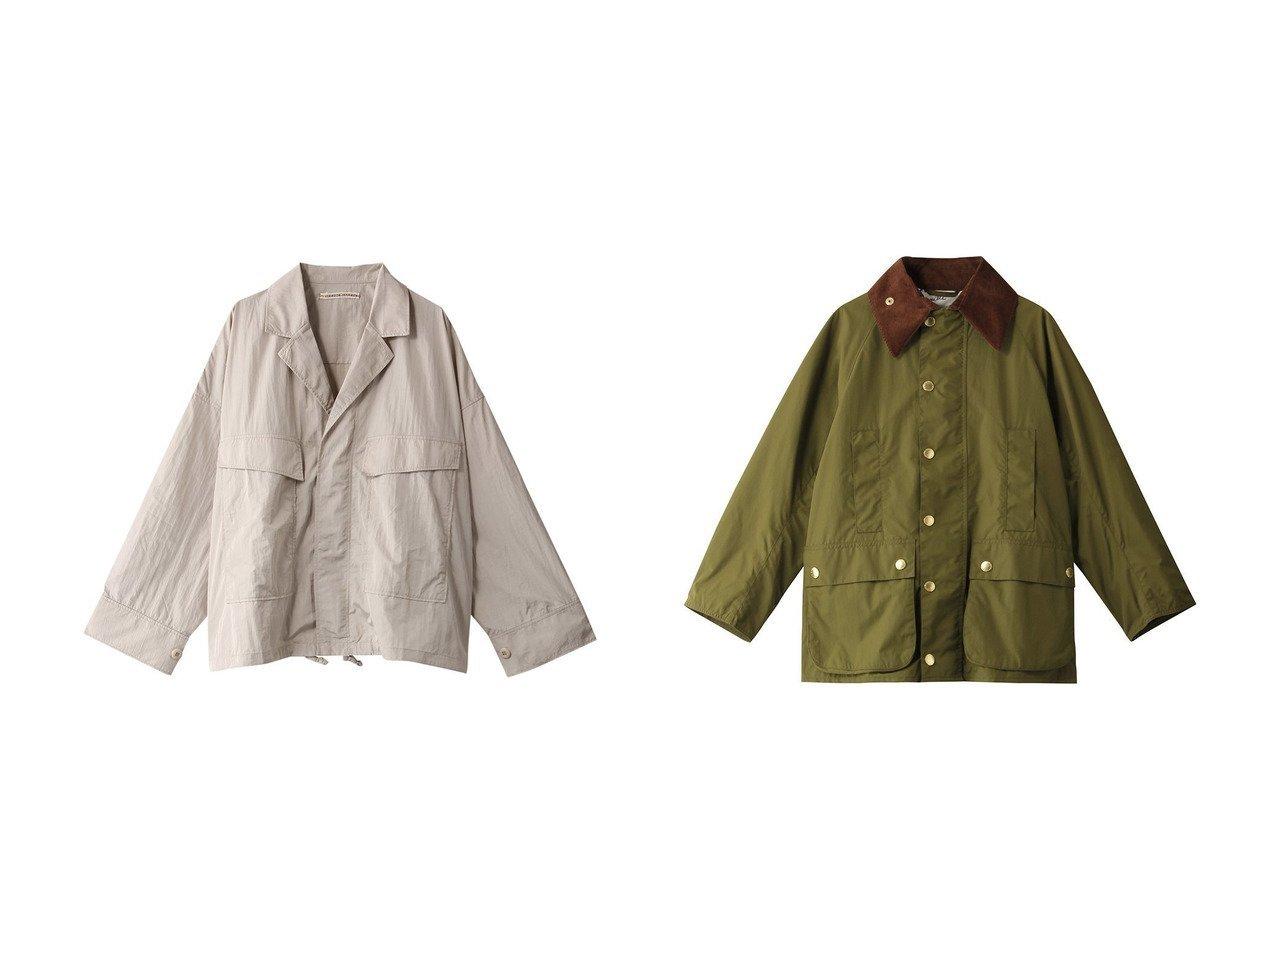 【ROSE BUD/ローズバッド】の【P.P】ナイロンジャケット&【MUVEIL/ミュベール】のBarbour ジャケット 【アウター】おすすめ!人気、トレンド・レディースファッションの通販 おすすめで人気の流行・トレンド、ファッションの通販商品 メンズファッション・キッズファッション・インテリア・家具・レディースファッション・服の通販 founy(ファニー) https://founy.com/ ファッション Fashion レディースファッション WOMEN アウター Coat Outerwear ジャケット Jackets アウトドア クール コーデュロイ ジャケット スタイリッシュ ポケット 軽量 シンプル フラップ |ID:crp329100000030213